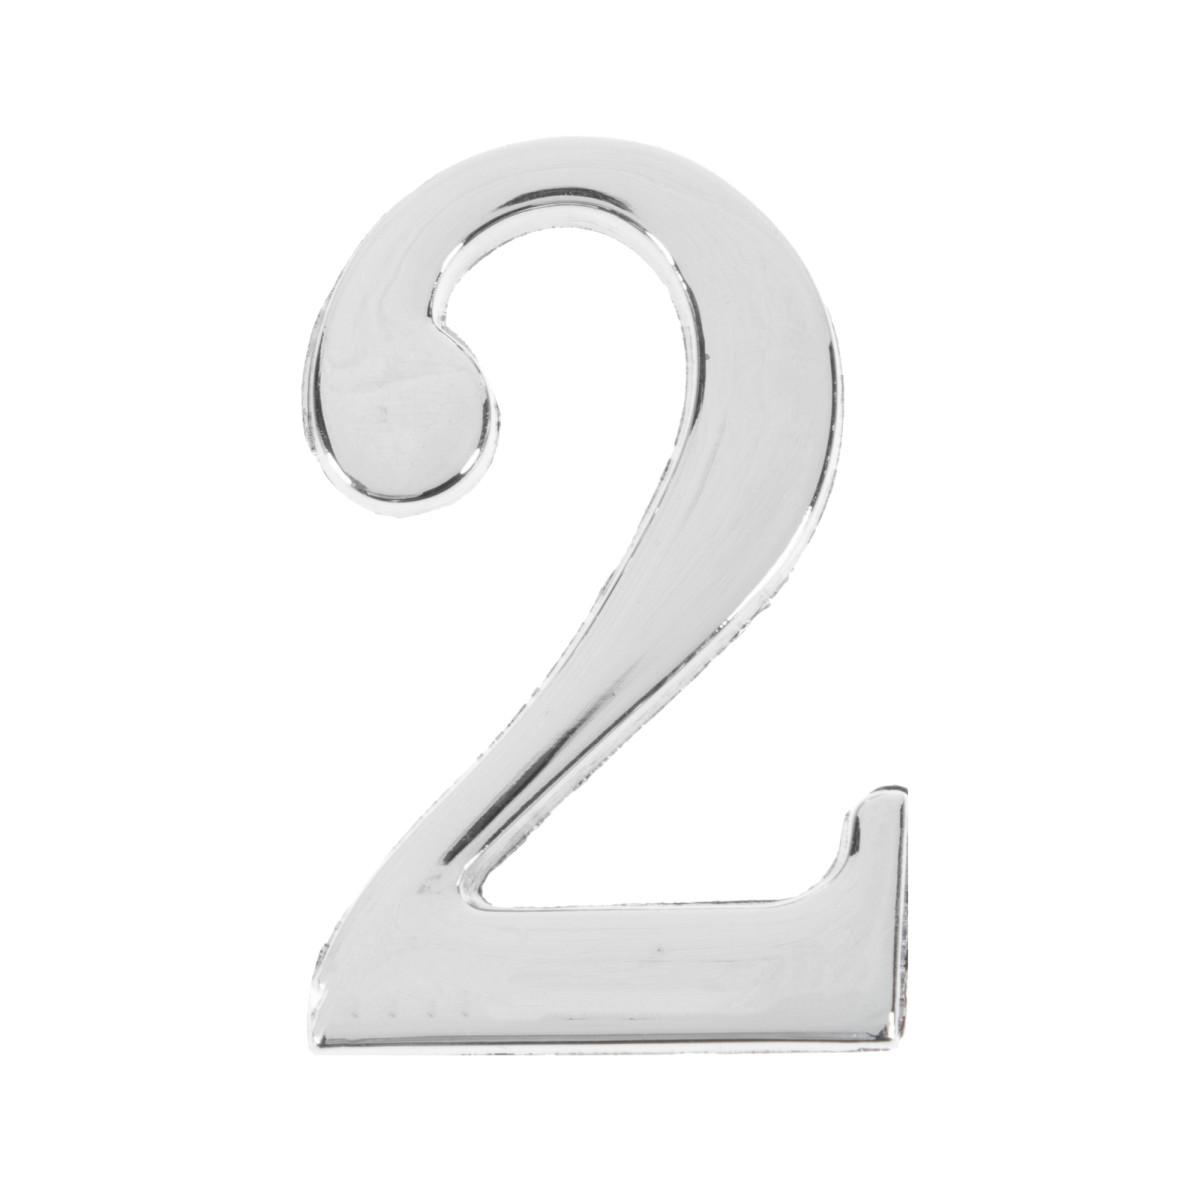 Цифра Дверная «2» Apecs Dn-01 Цвет Хром